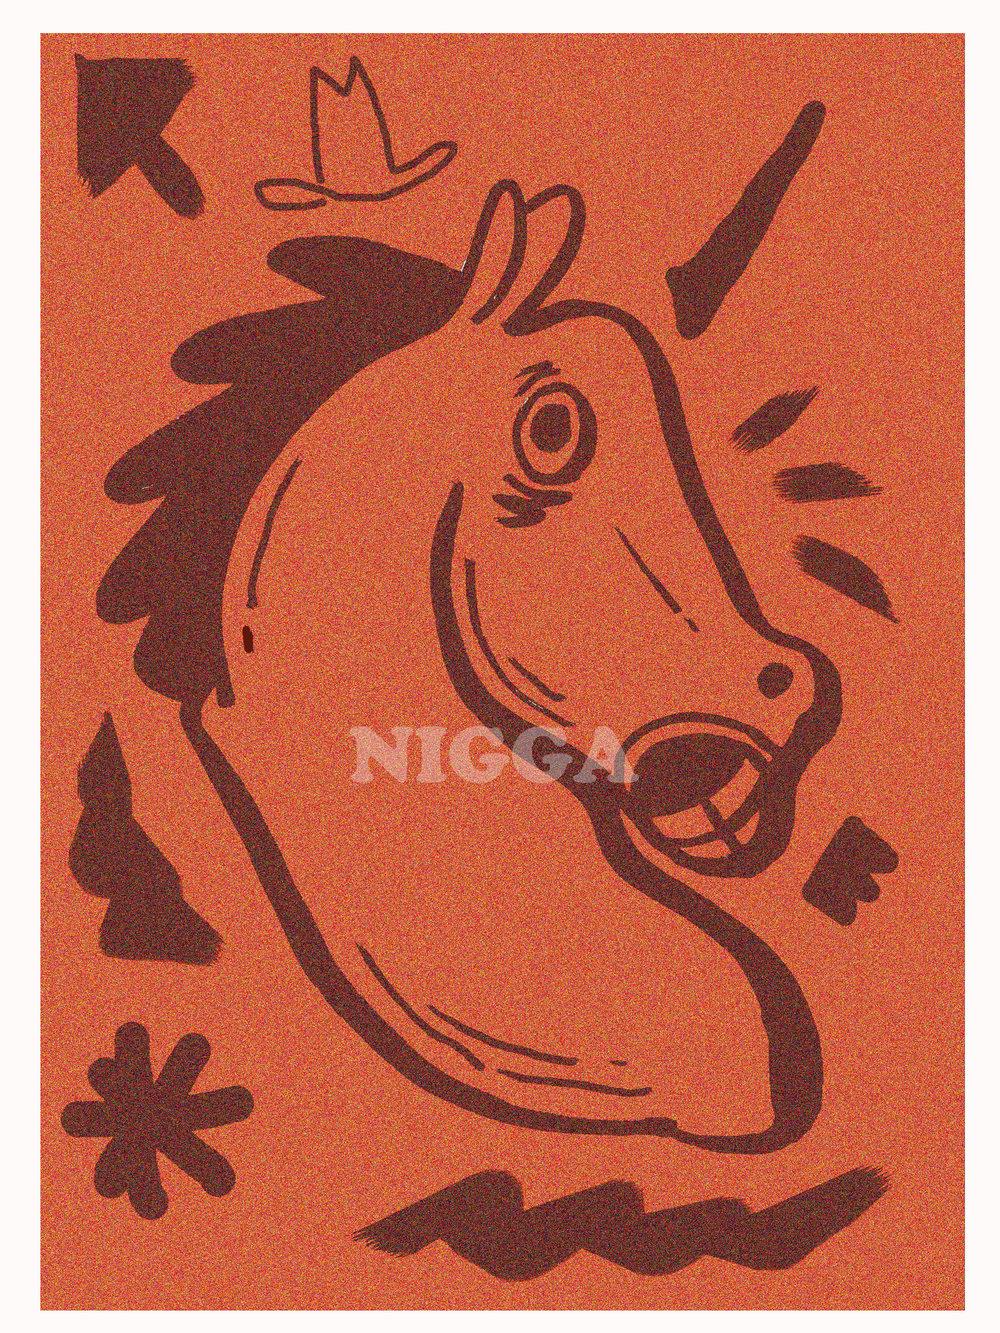 NIGGA2.jpg